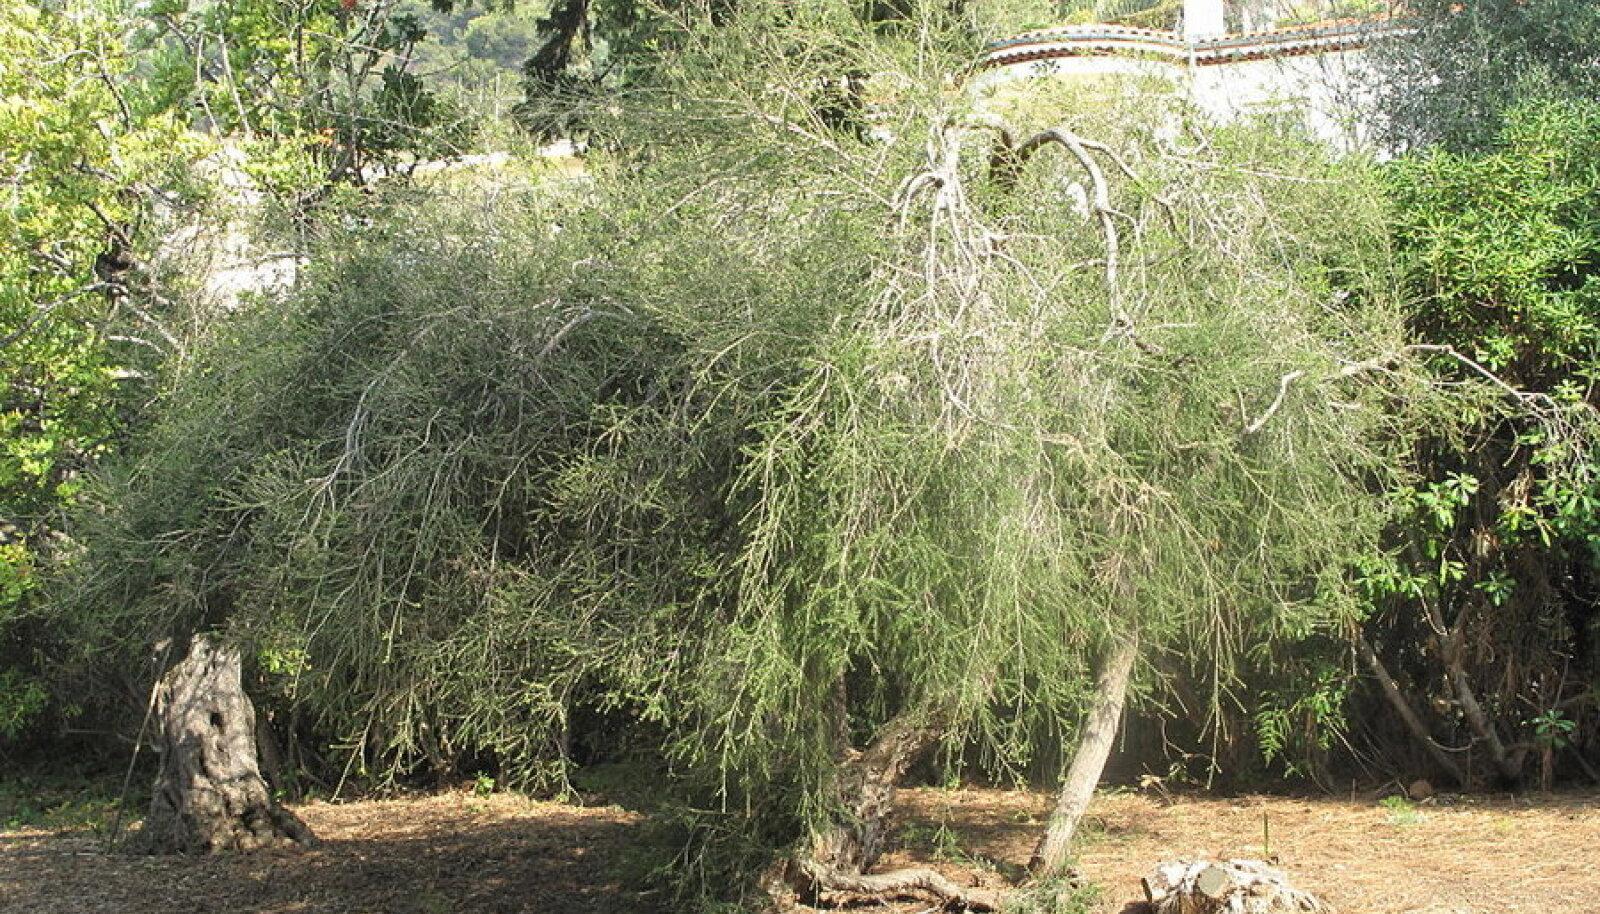 Tee-melaleuka (Melaleuca alternifolia)